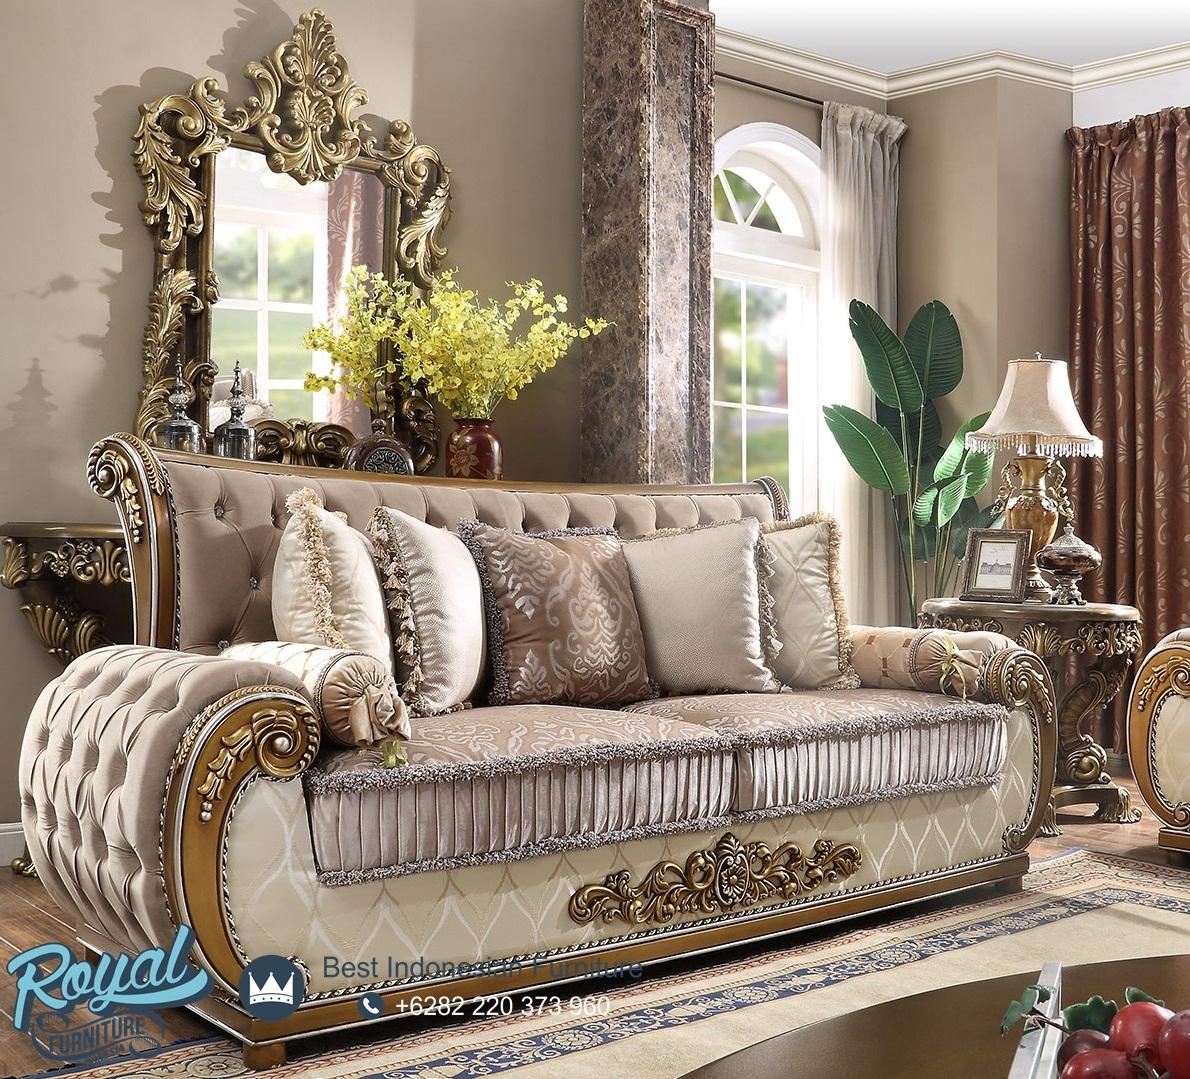 Sofa Tamu Mewah Klasik Terbaru Ukiran Kayu Jati Jepara Terbaru, sofa ruang tamu mewah modern, sofa tamu minimalis, sofa tamu mewah terbaru, sofa mewah minimalis, harga sofa ruang tamu mewah, sofa mewah modern, kursi tamu mewah kualitas terbaik, sofa mewah minimalis terbaru, set sofa tamu mewah, set sofa tamu klasik, sofa tamu classic eropa, kursi tamu mewah terbaru, jual sofa tamu mewah kayu jati jepara, sofa ruang tamu gold duco, sofa tamu ukiran jepara, kursi tamu jati ukir klasik jepara, furniture store jepara, toko furniture jepara, model sofa tamu mewah klasik terbaru, sofa ruang tamu kecil, sofa ruang tamu mewah, model kursi tamu terbaru dan harganya, royal furniture jepara